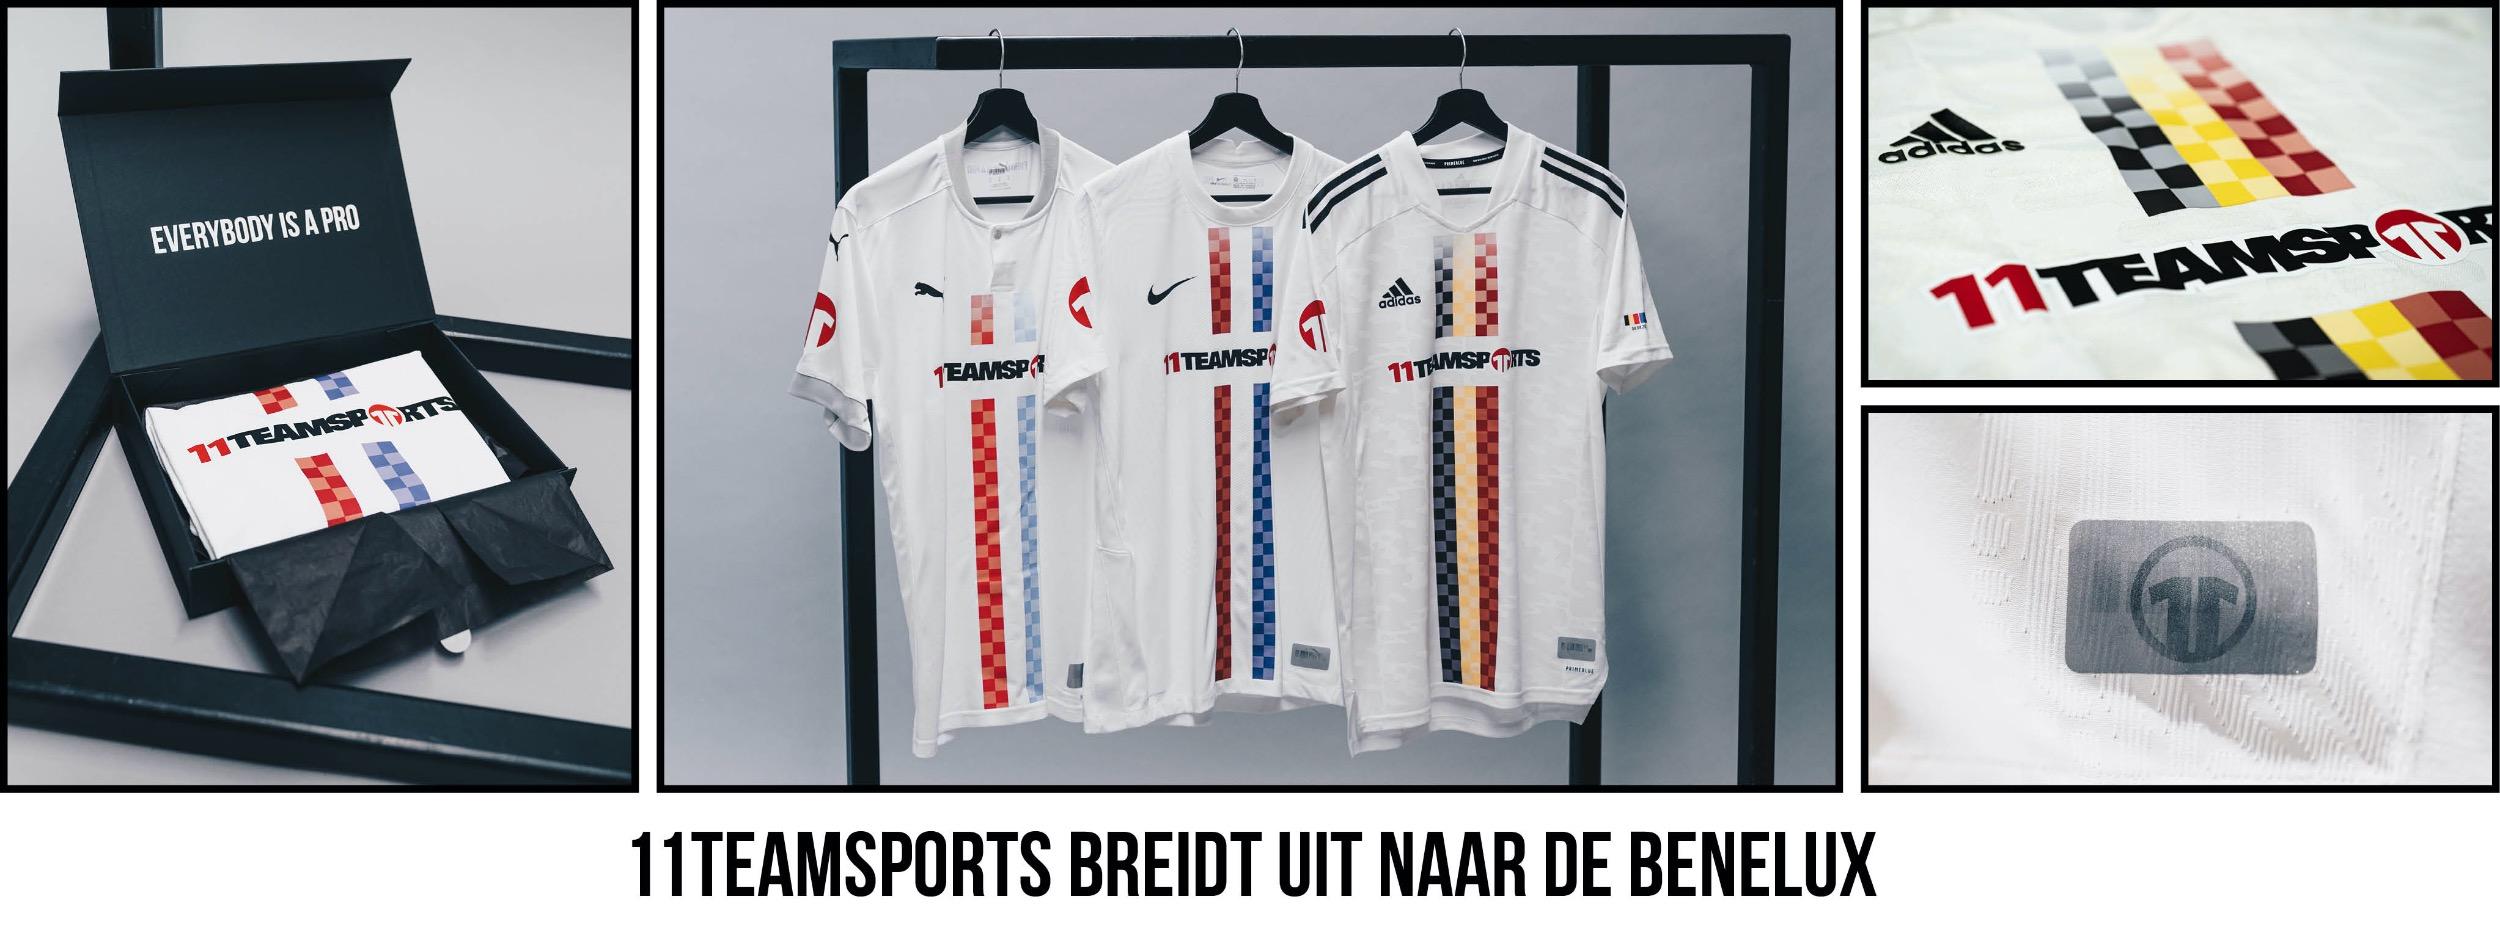 11teamsports breidt uit naar de Benelux